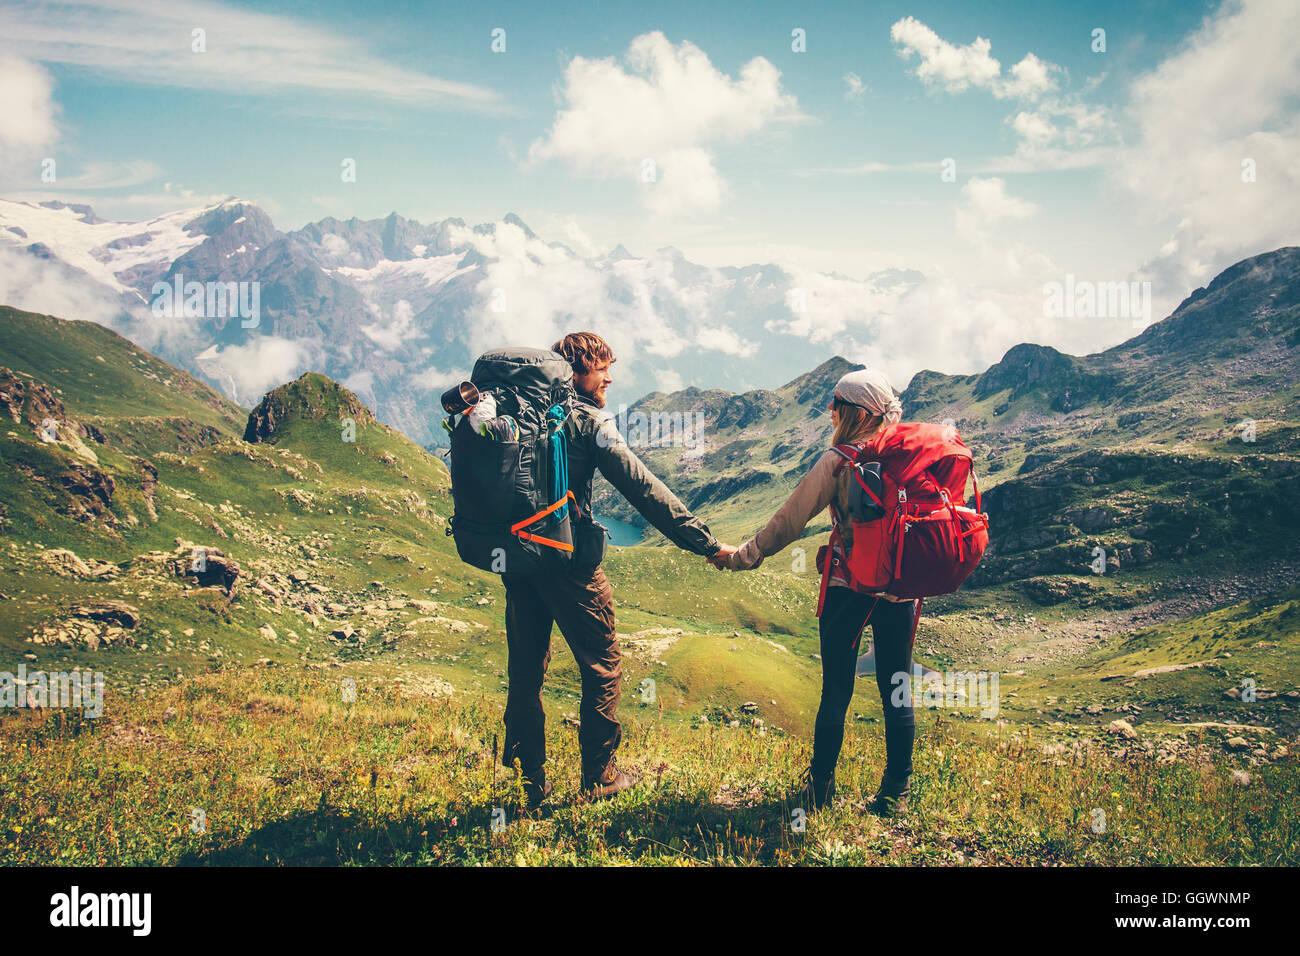 Paar Mann und Frau mit Händchenhalten Bergsteigen Reisen Lifestyle Sommer Urlaub Konzept Berge und Wolken l Stockbild